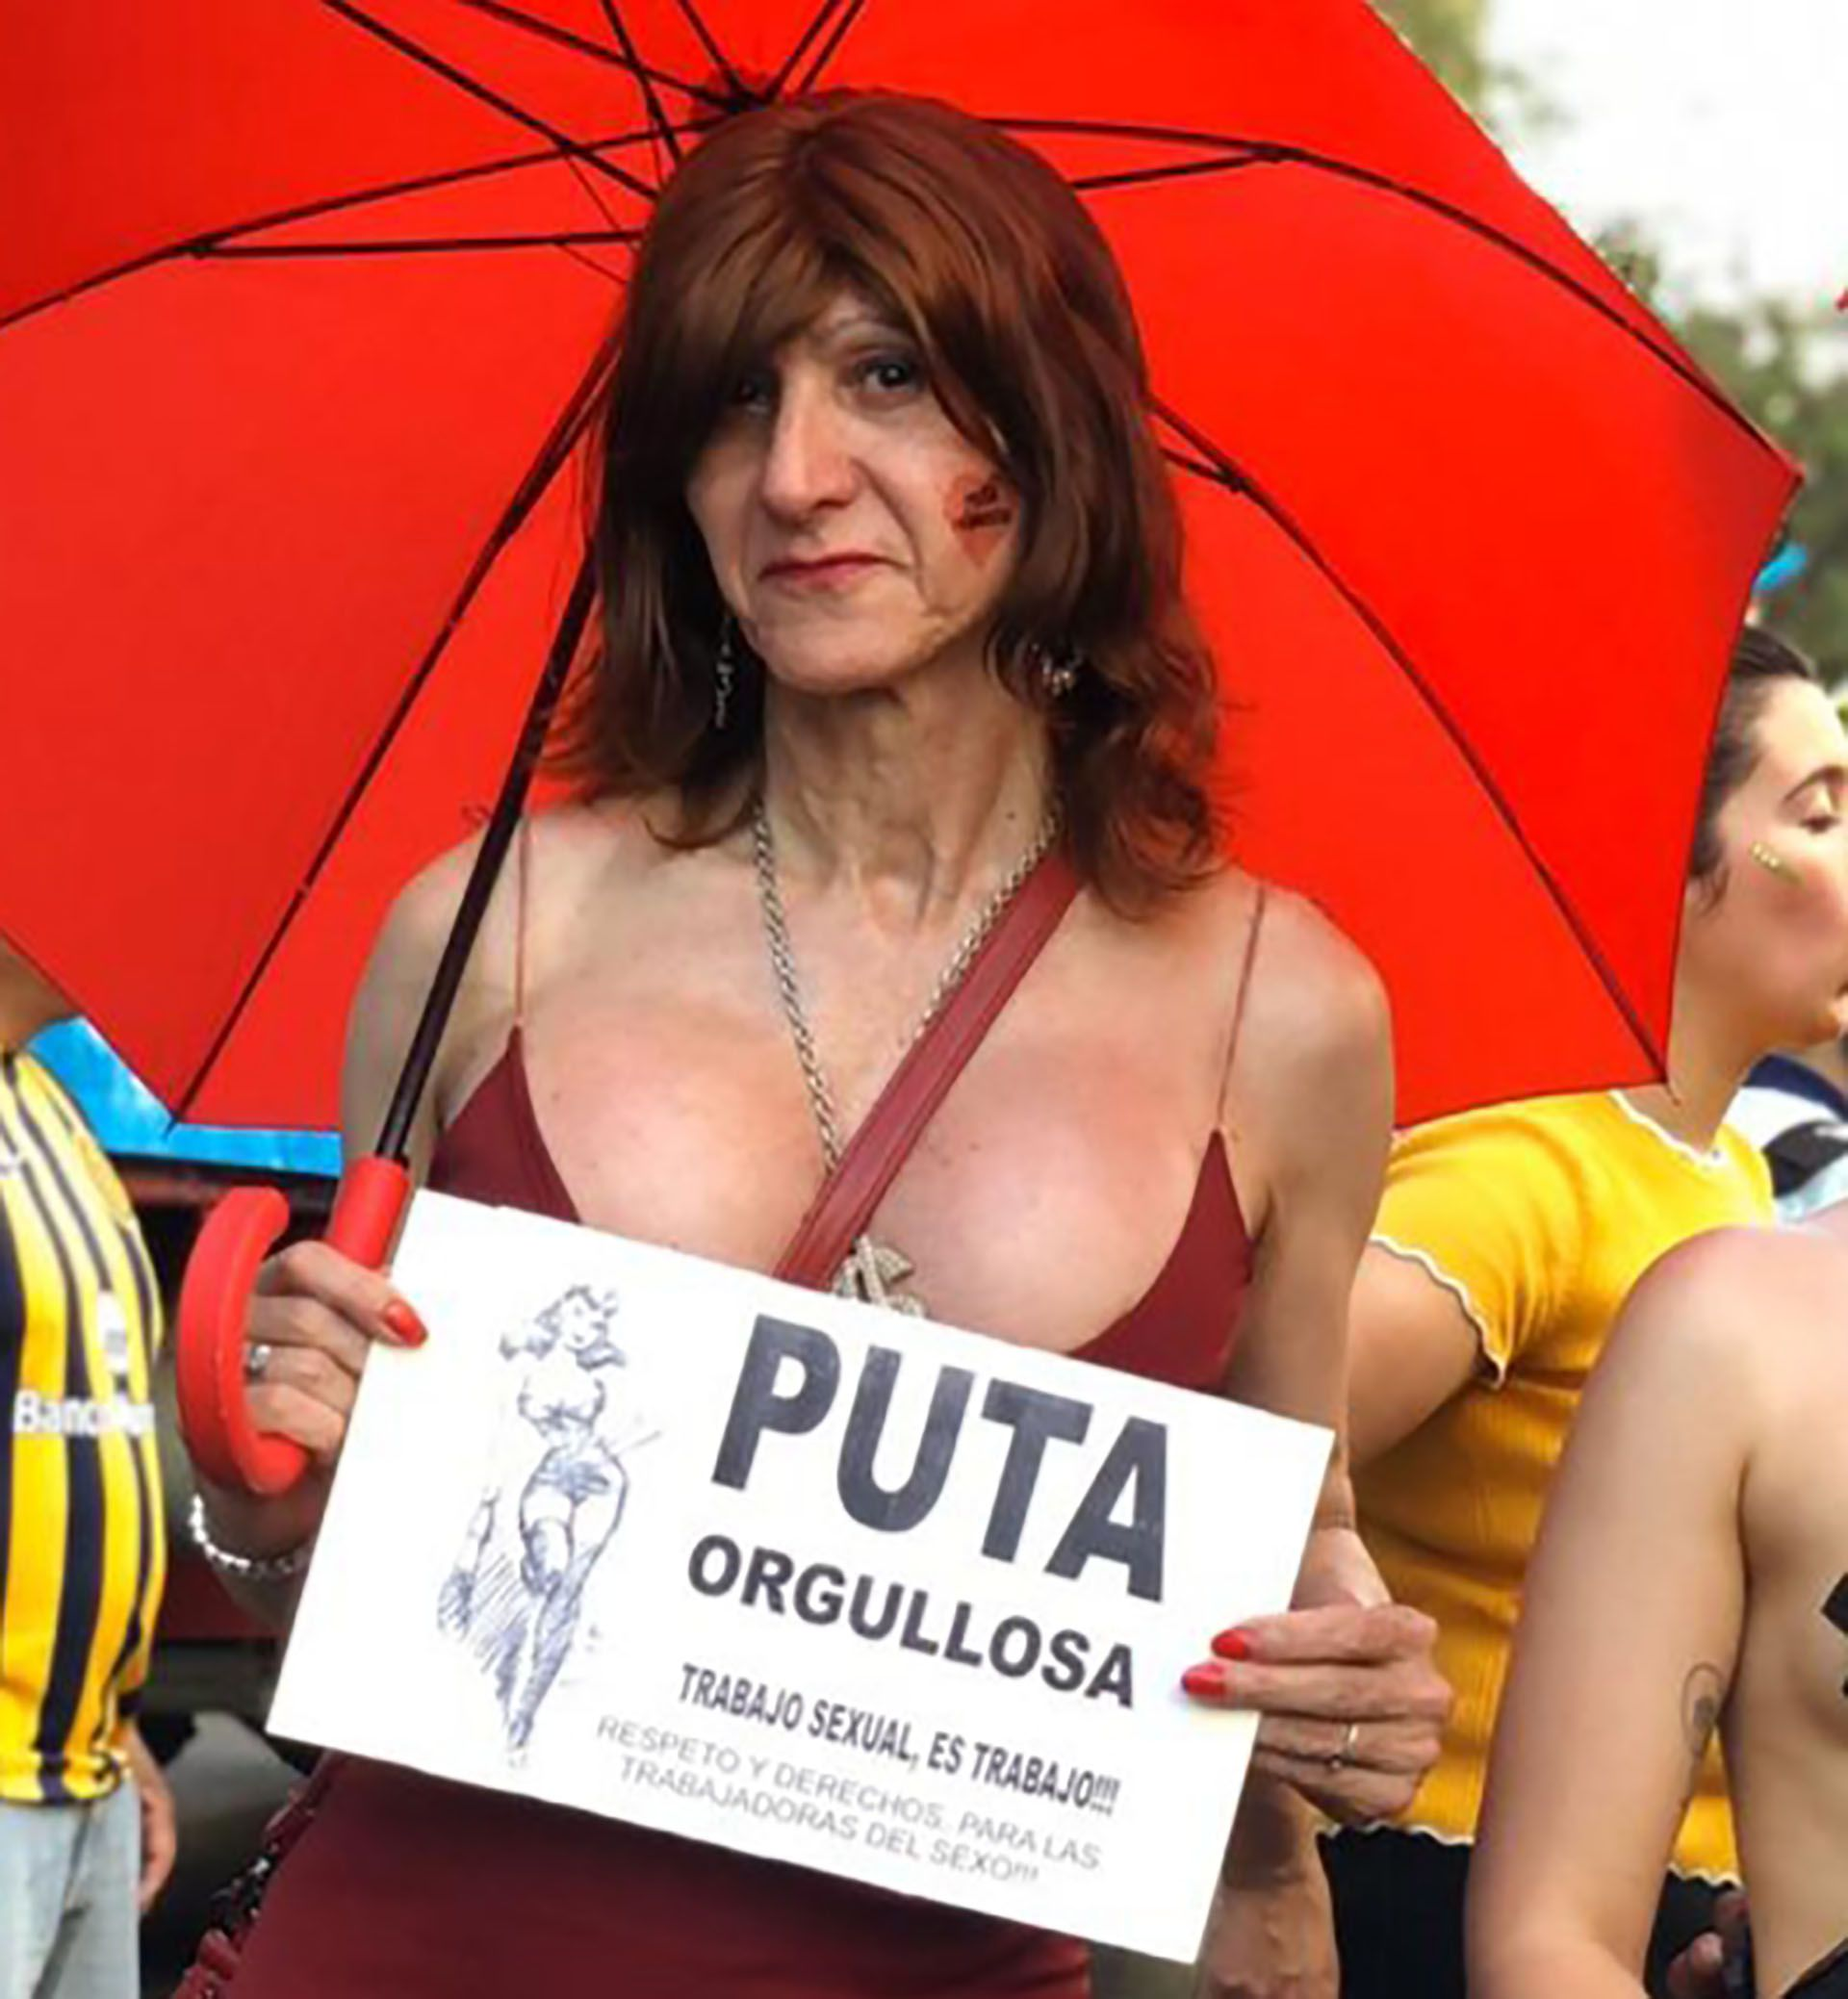 """Melisa D'Oro era docente y hace 15 años, cuando necesitó otro ingreso, eligió el trabajo sexual: """"No me interesa romantizarlo. No es el paraíso. ¿Pero acaso es el paraíso limpiar baños o trabajar 12 horas en la caja de un supermercado?""""."""